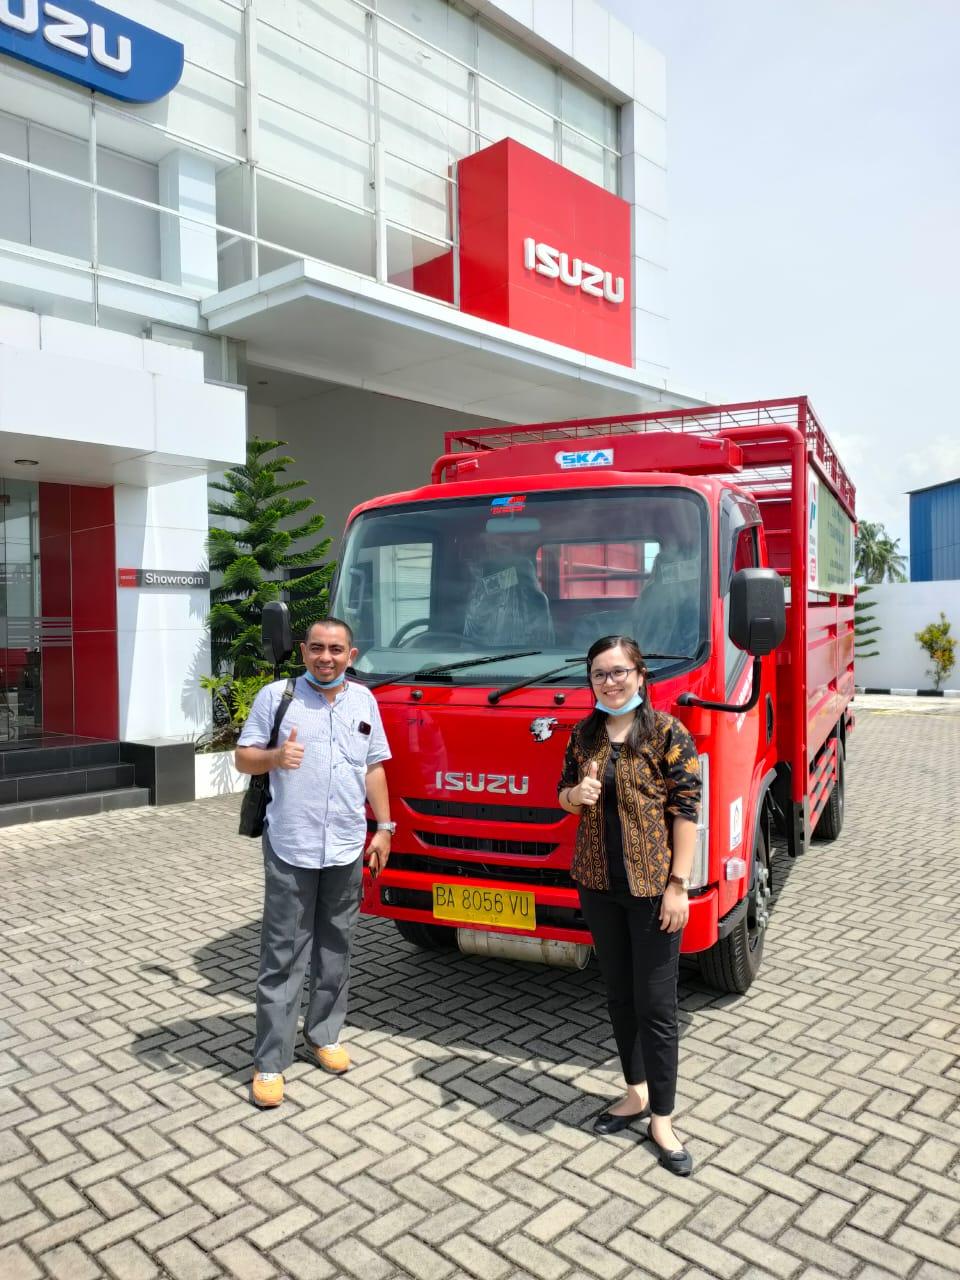 Sales Isuzu Padang